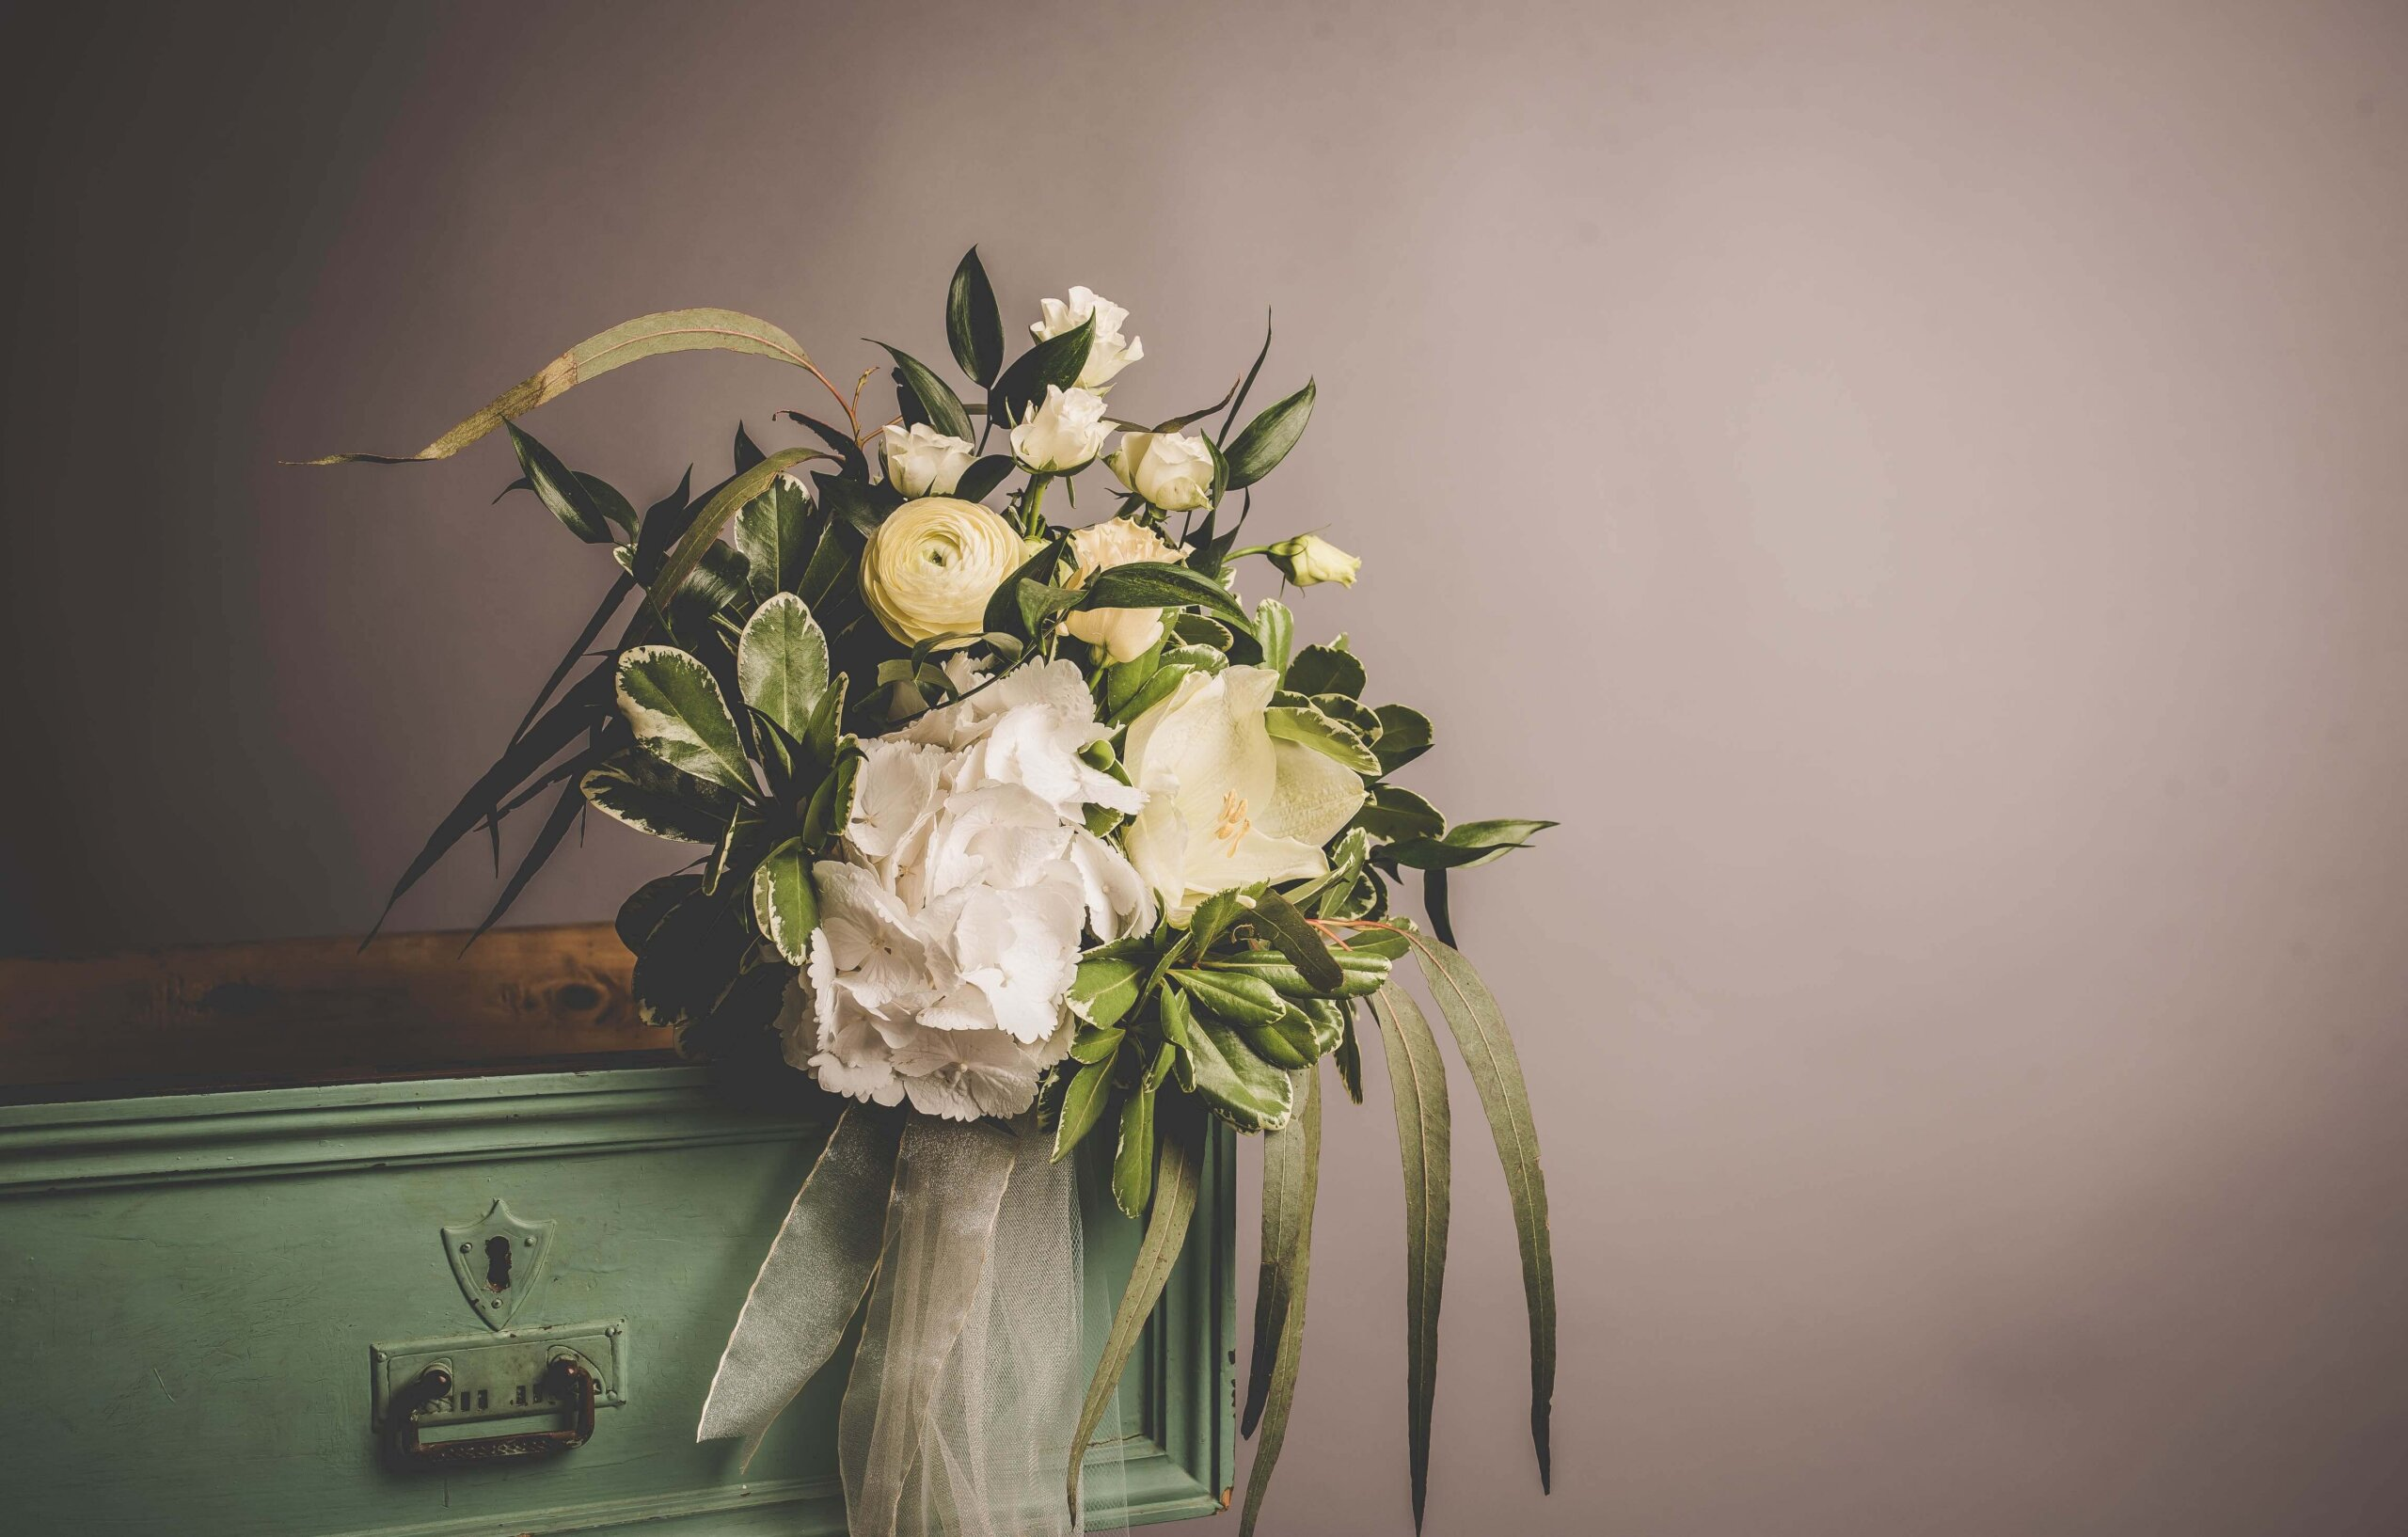 遺影写真を飾る花のおすすめは?種類から色まで紹介